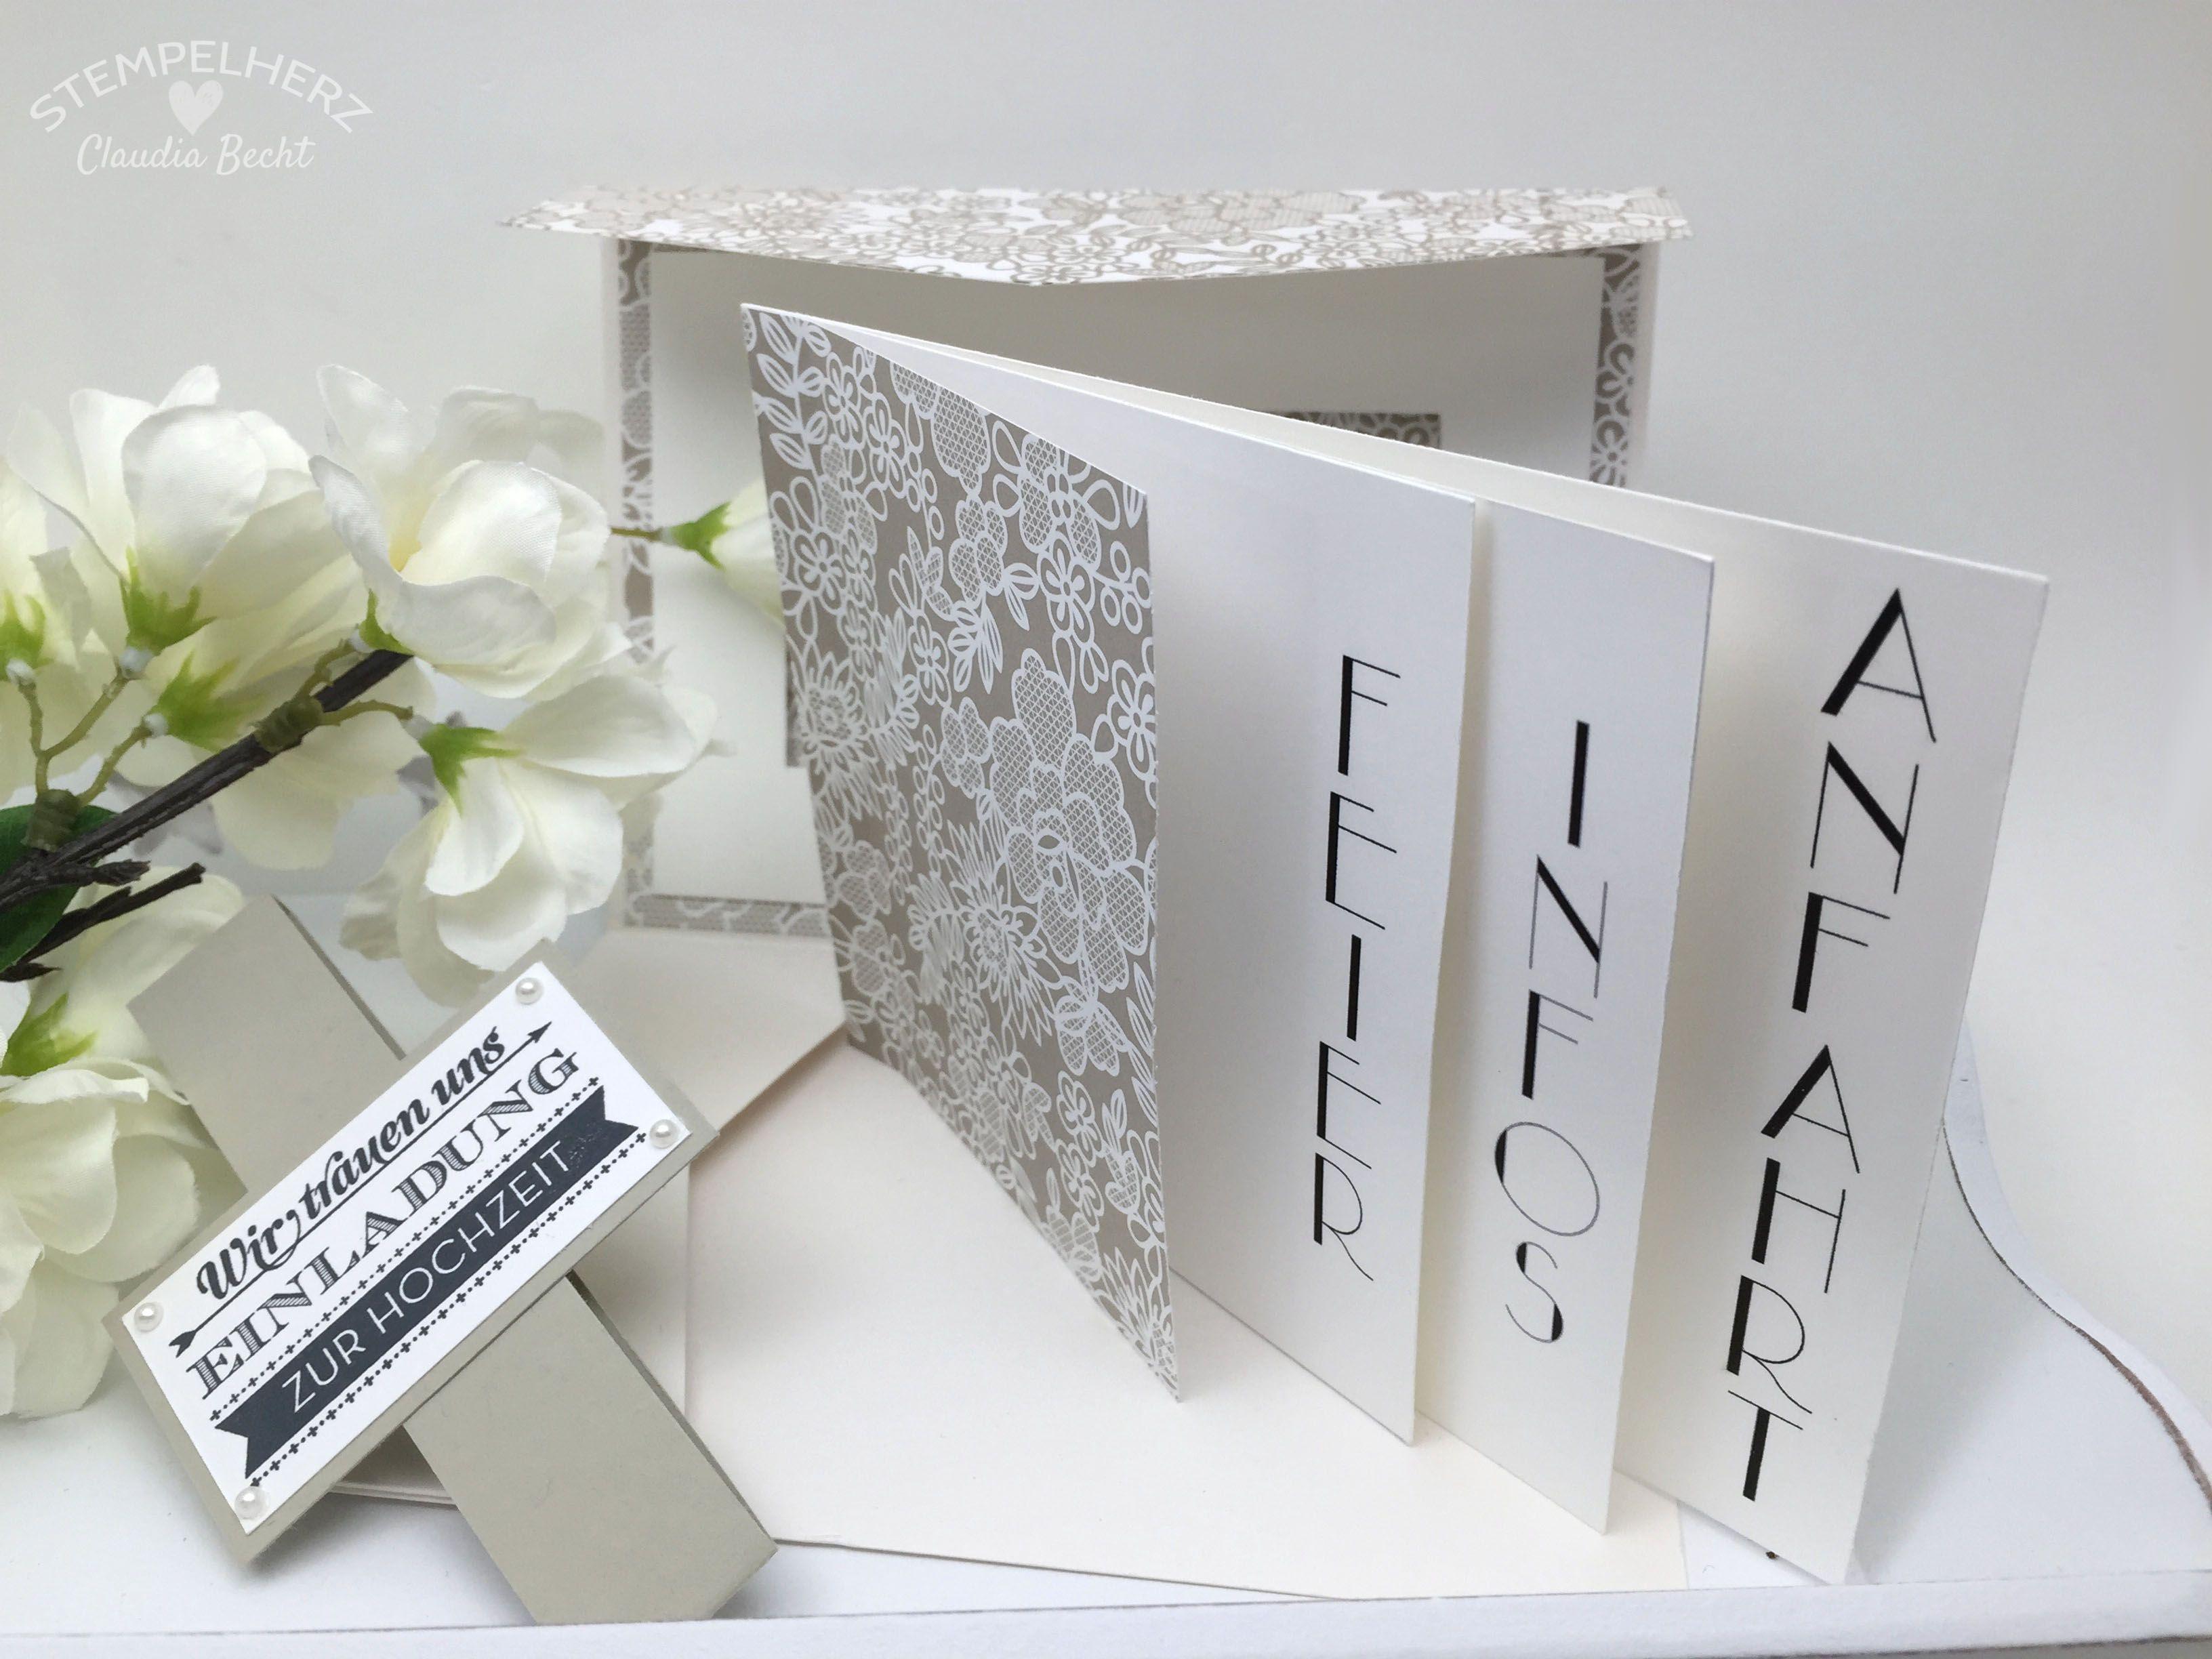 Karten Einladung Hochzeit #18: Stampin Up-Stempelherz-Hochzeitseinladung-Hochzeitskarte-Hochzeit-Karte- Einladung-Hochzeitseinladung